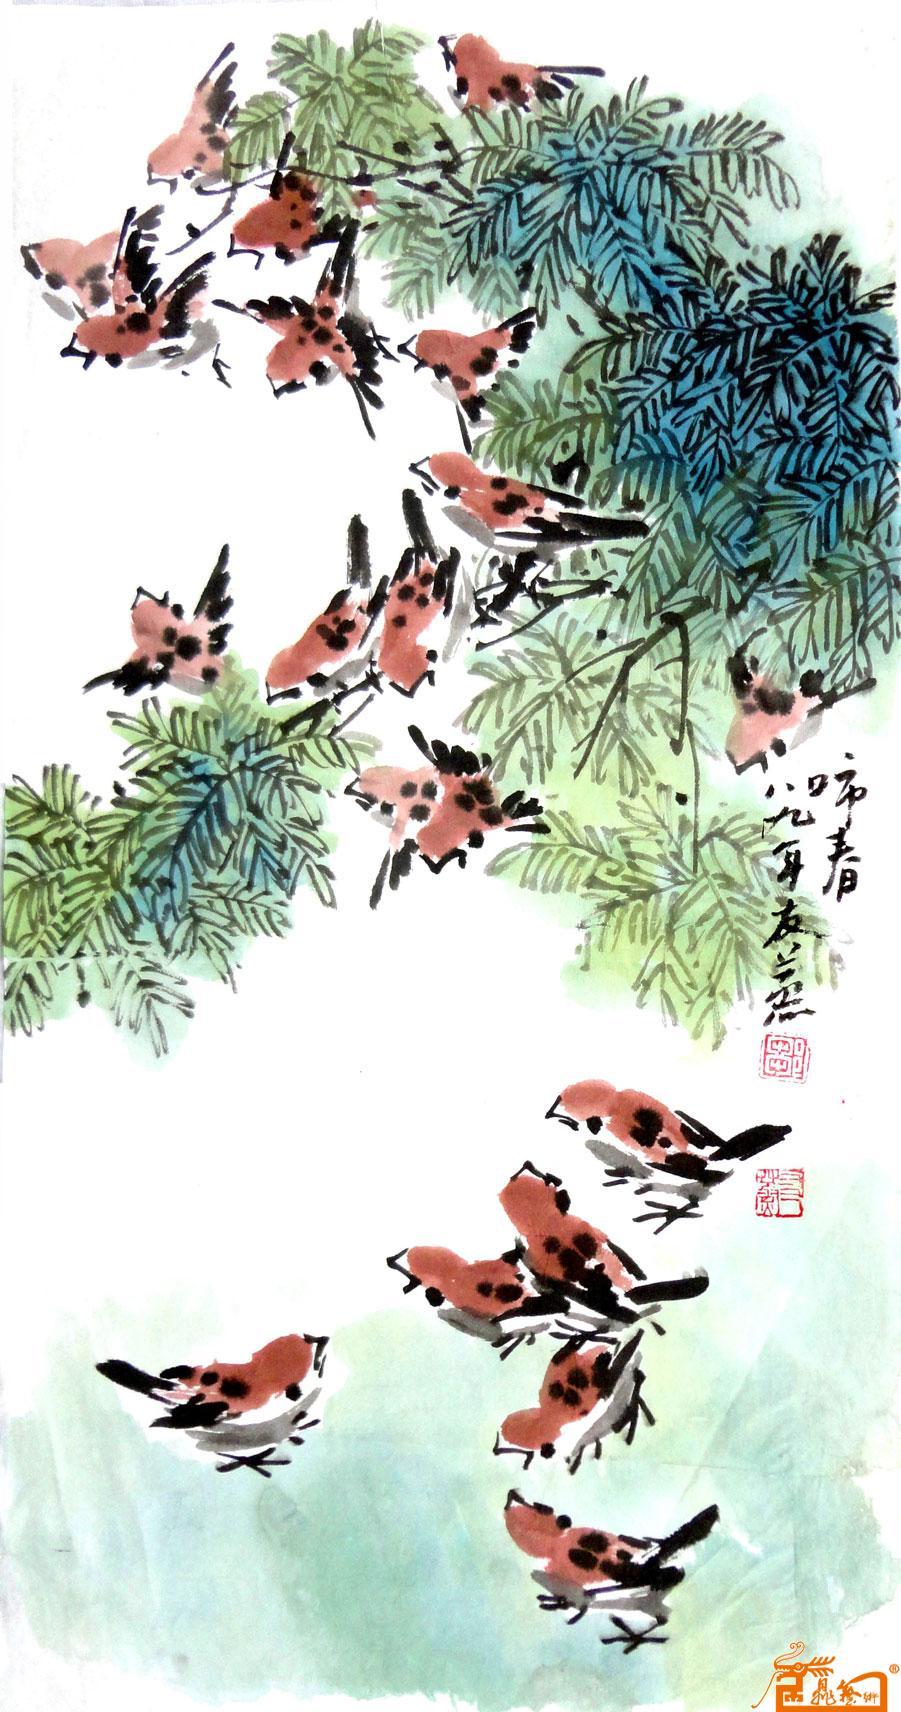 名家 邹友蒸 国画 - 33图《麻雀-槐树》 当前 位粉丝喜爱本幅作品